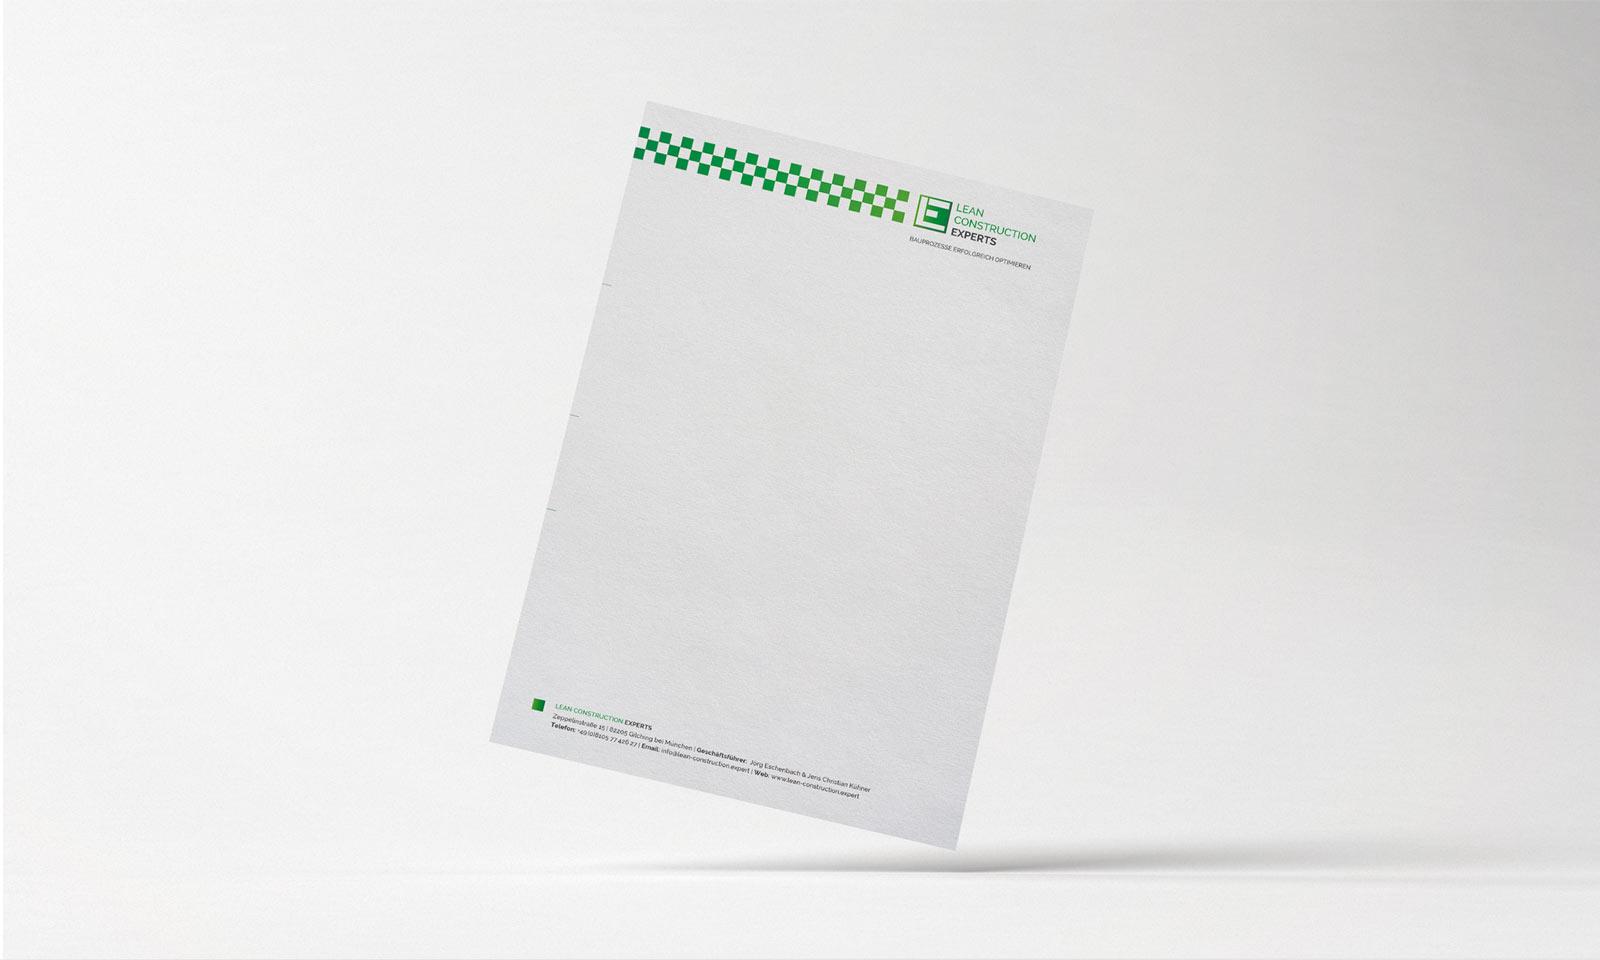 Lean_Construction_Experts_Gestaltung_Briefpapier_Geschaeftsausstattung_4.jpg